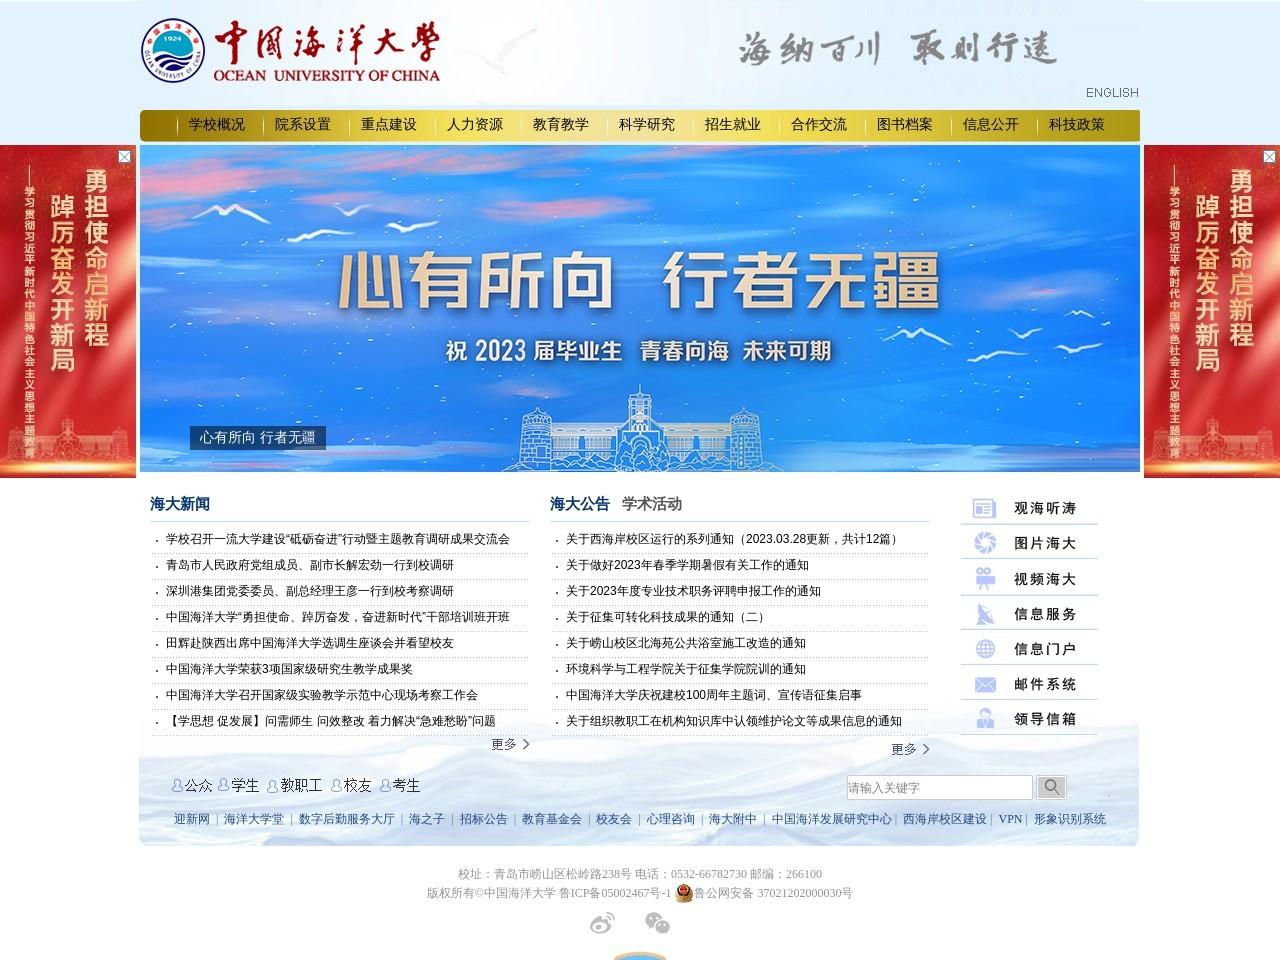 中国海洋大学官网